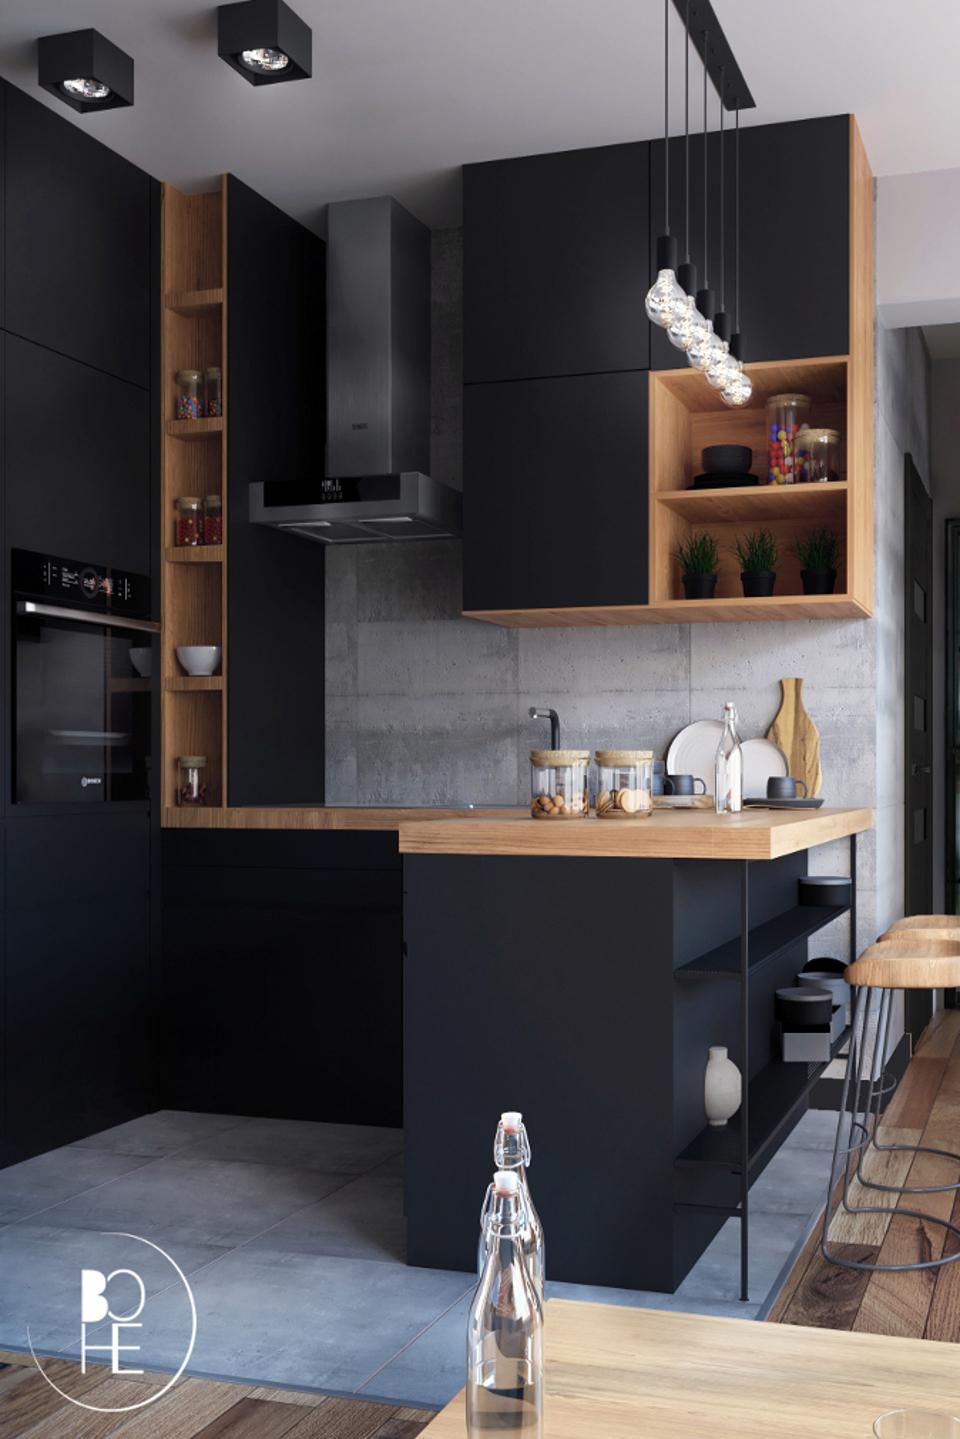 Projekt wnętrza kuchni w Białymstoku w stylu loftowym zaprojektowany przez Annę Skowrońską z BOHE architektura